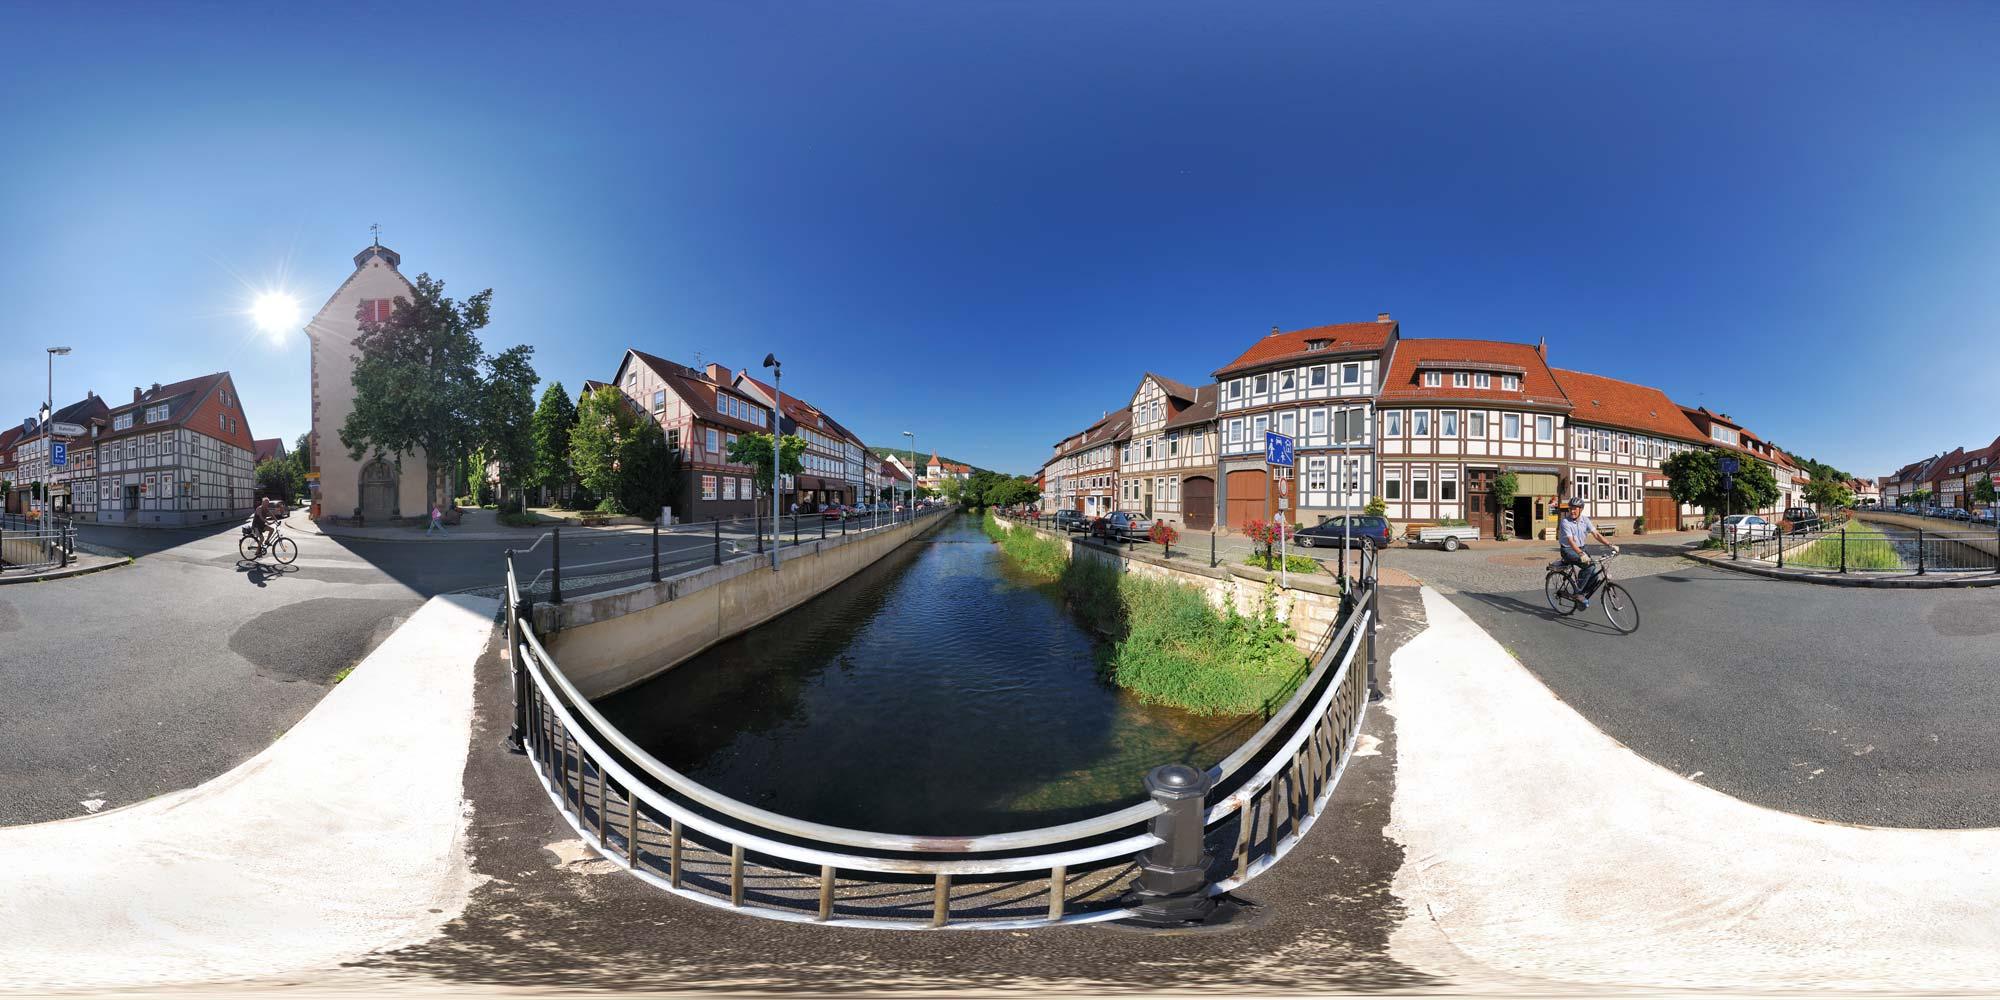 Salzdetfurth